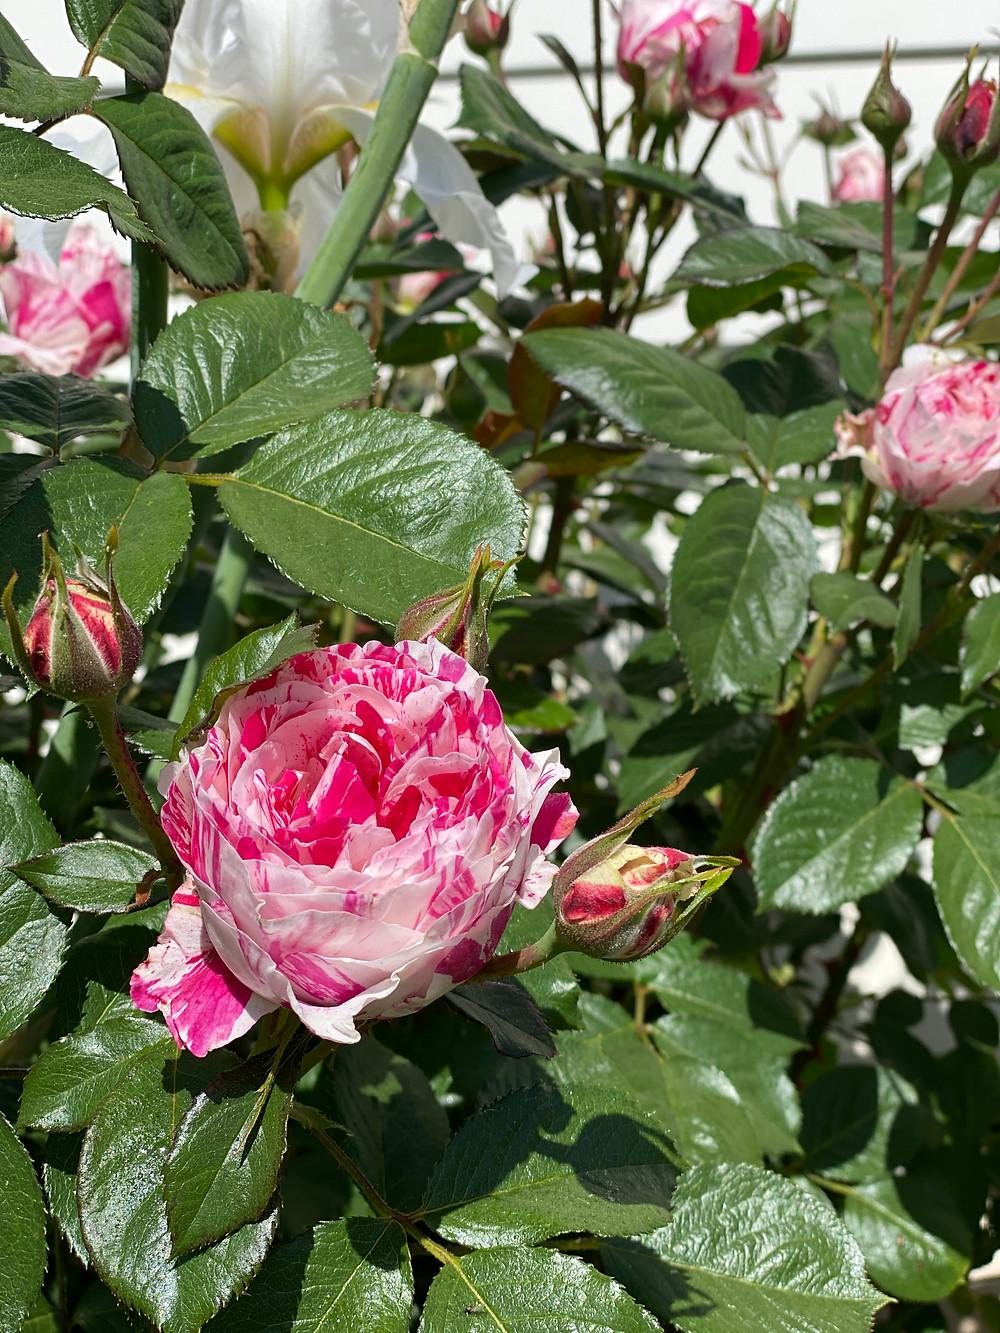 Pink and white rose bush at RockHavenFarm.com